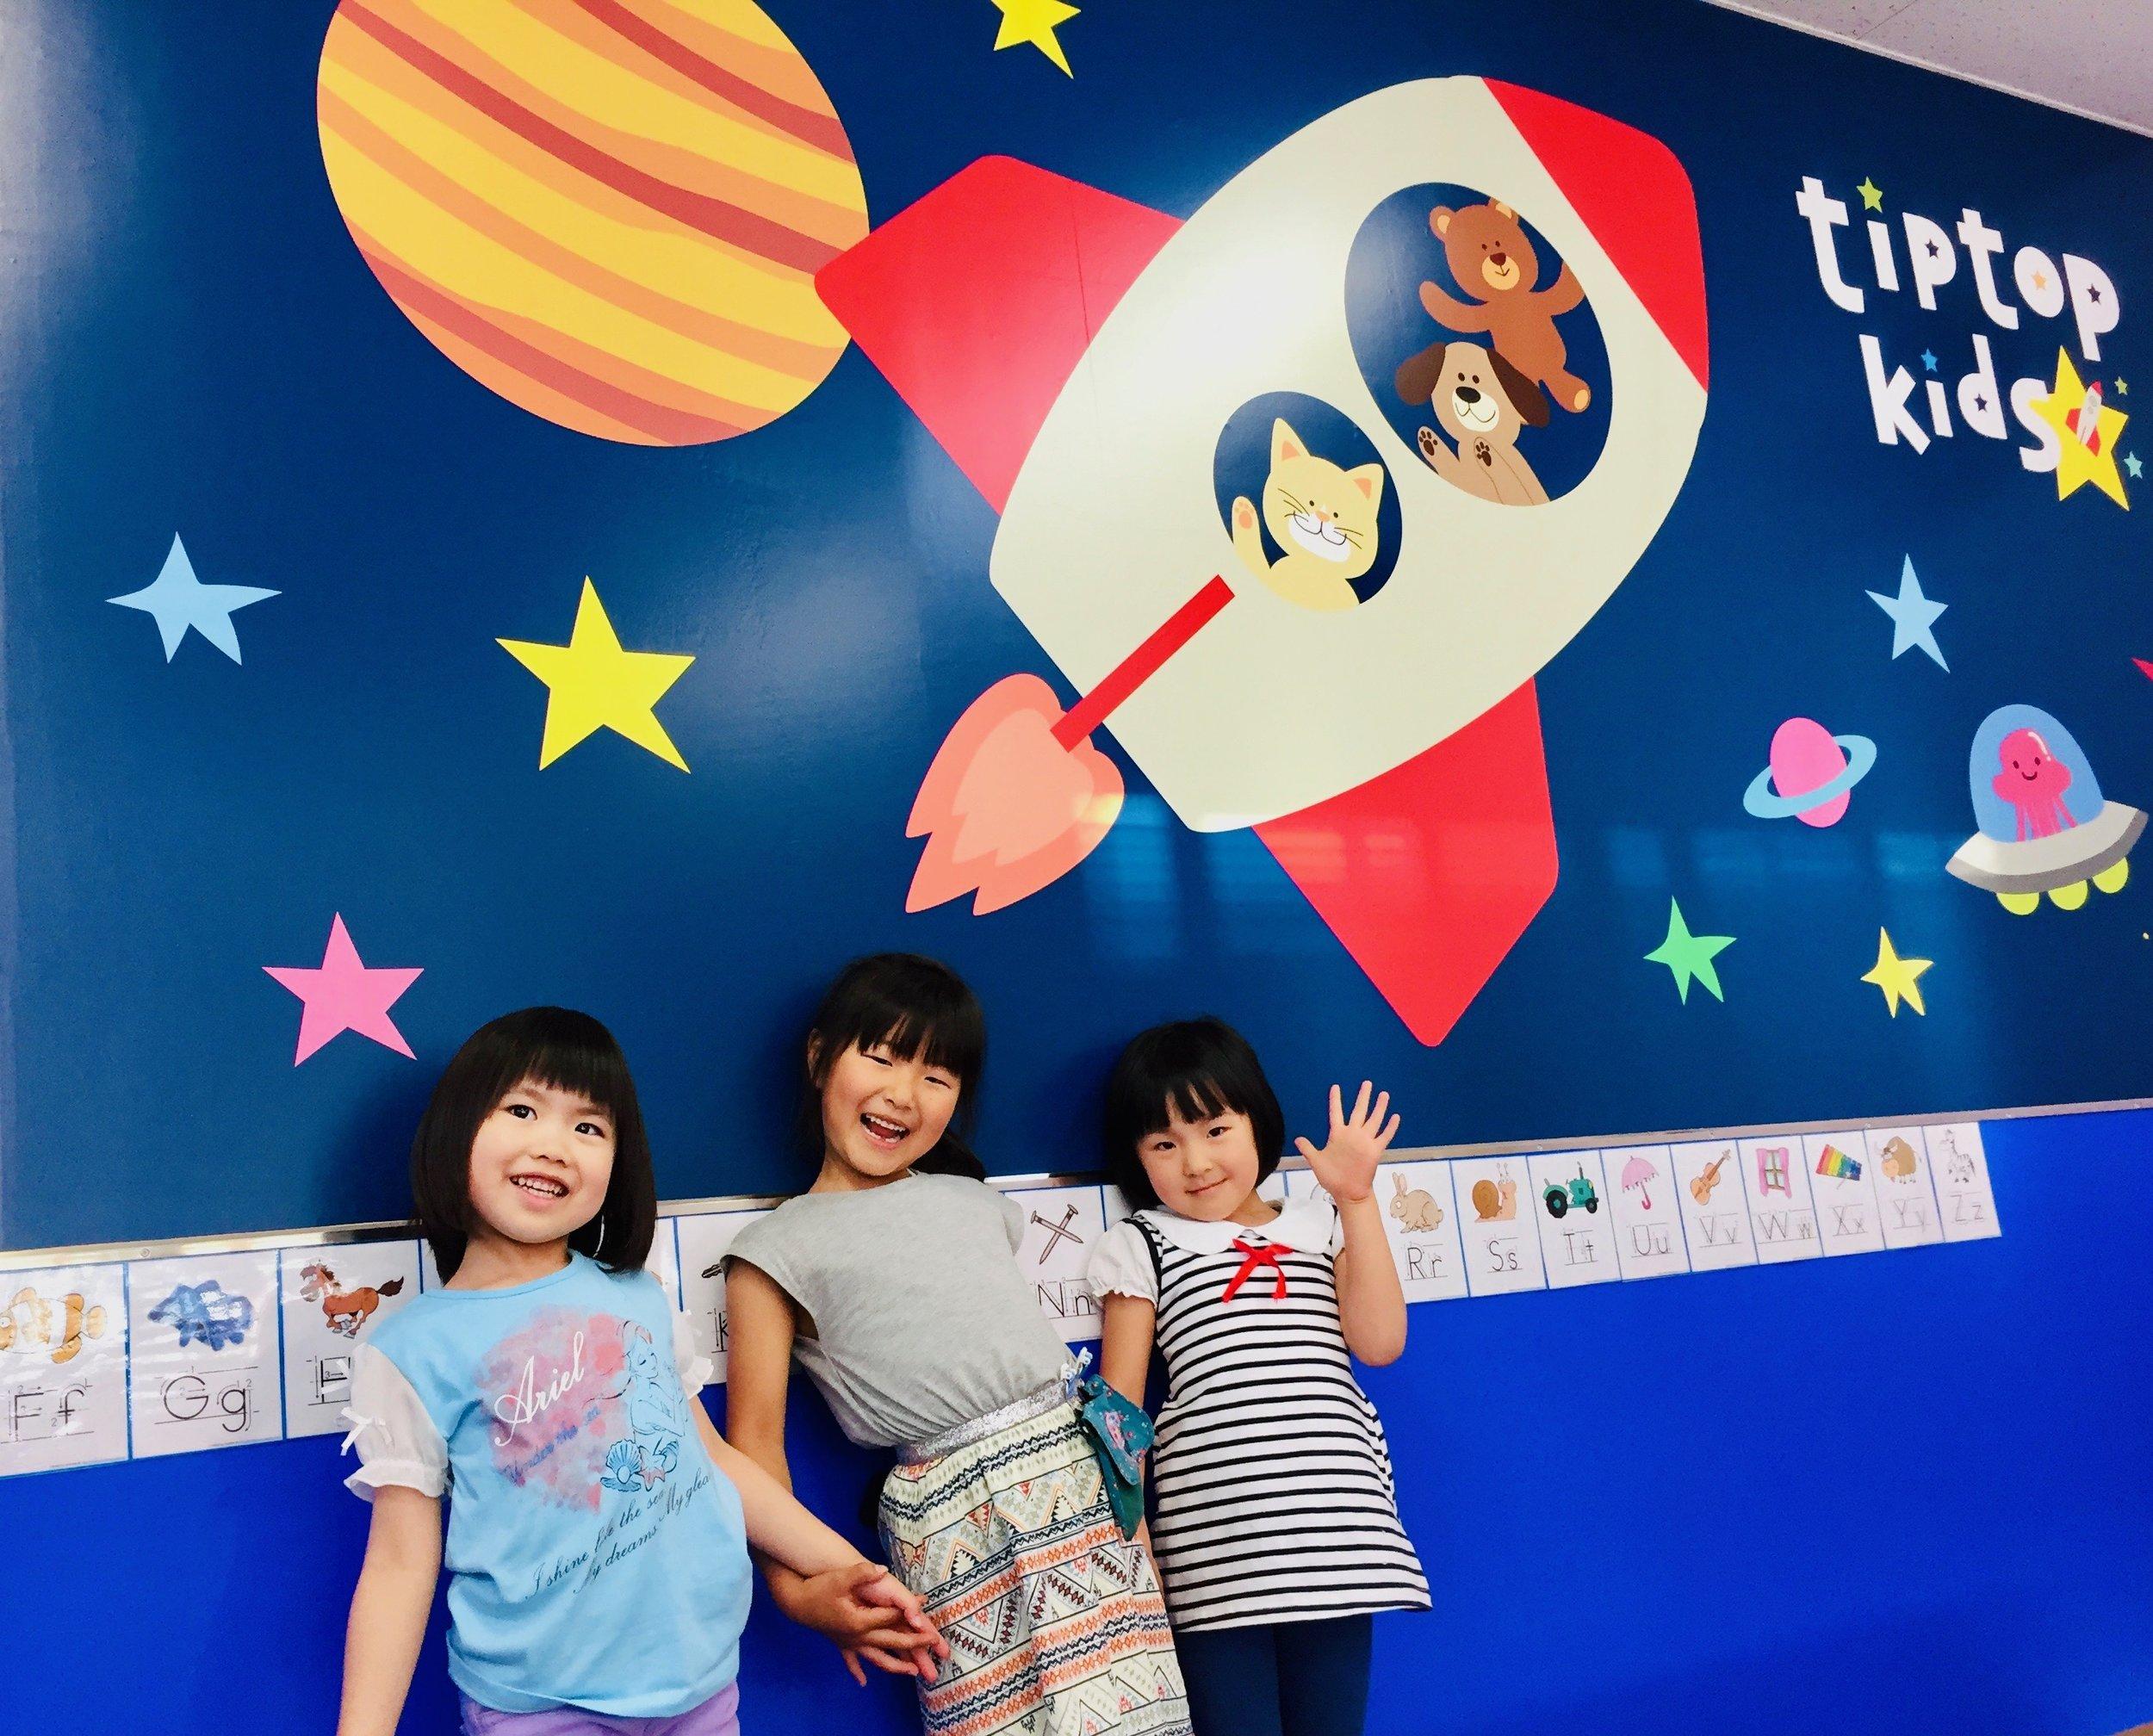 Join tip top kids - 英語で考えて、英語で話す